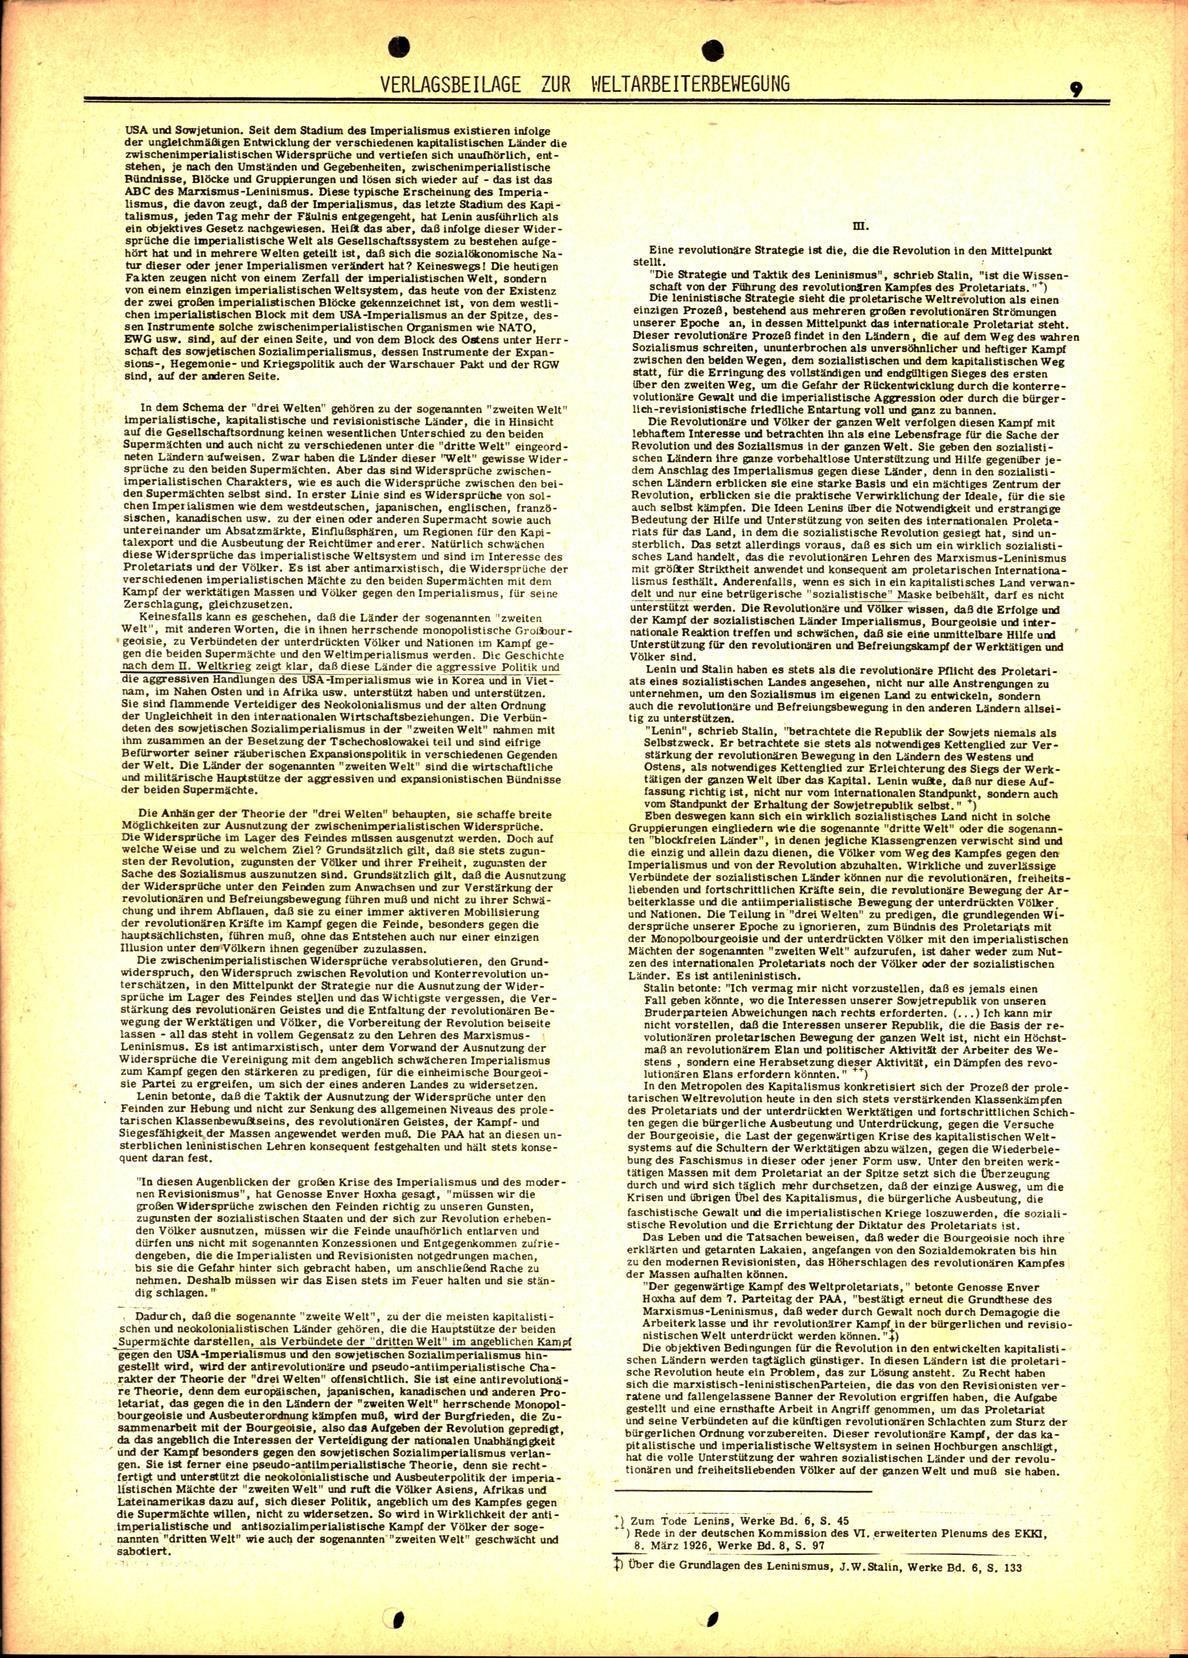 Koeln_IPdA_Einheit_1977_017_027